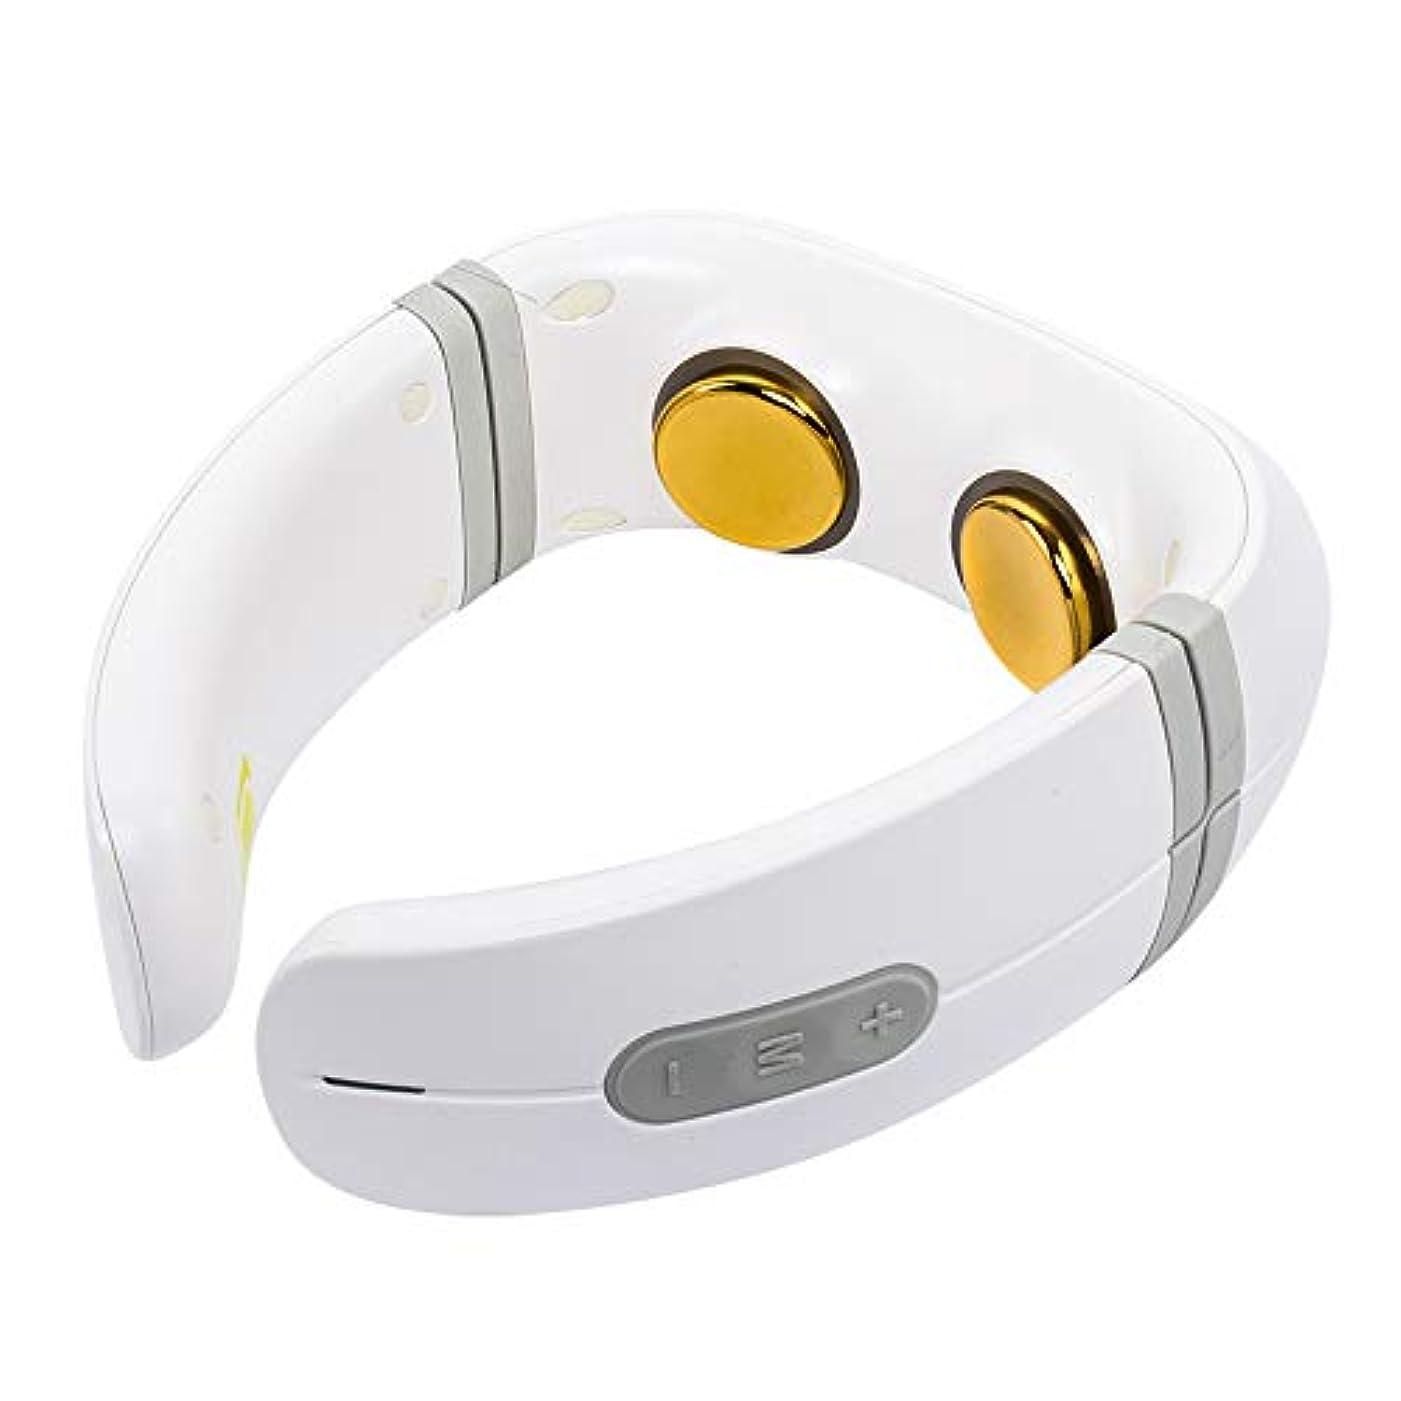 ハブブ邪魔する使い込む首マッサージャー電気、熱と頸部パルスマッサージ、混練 - 首、背中、肩、筋肉痛の軽減、全身 - 自宅、オフィス、車、ベッド用